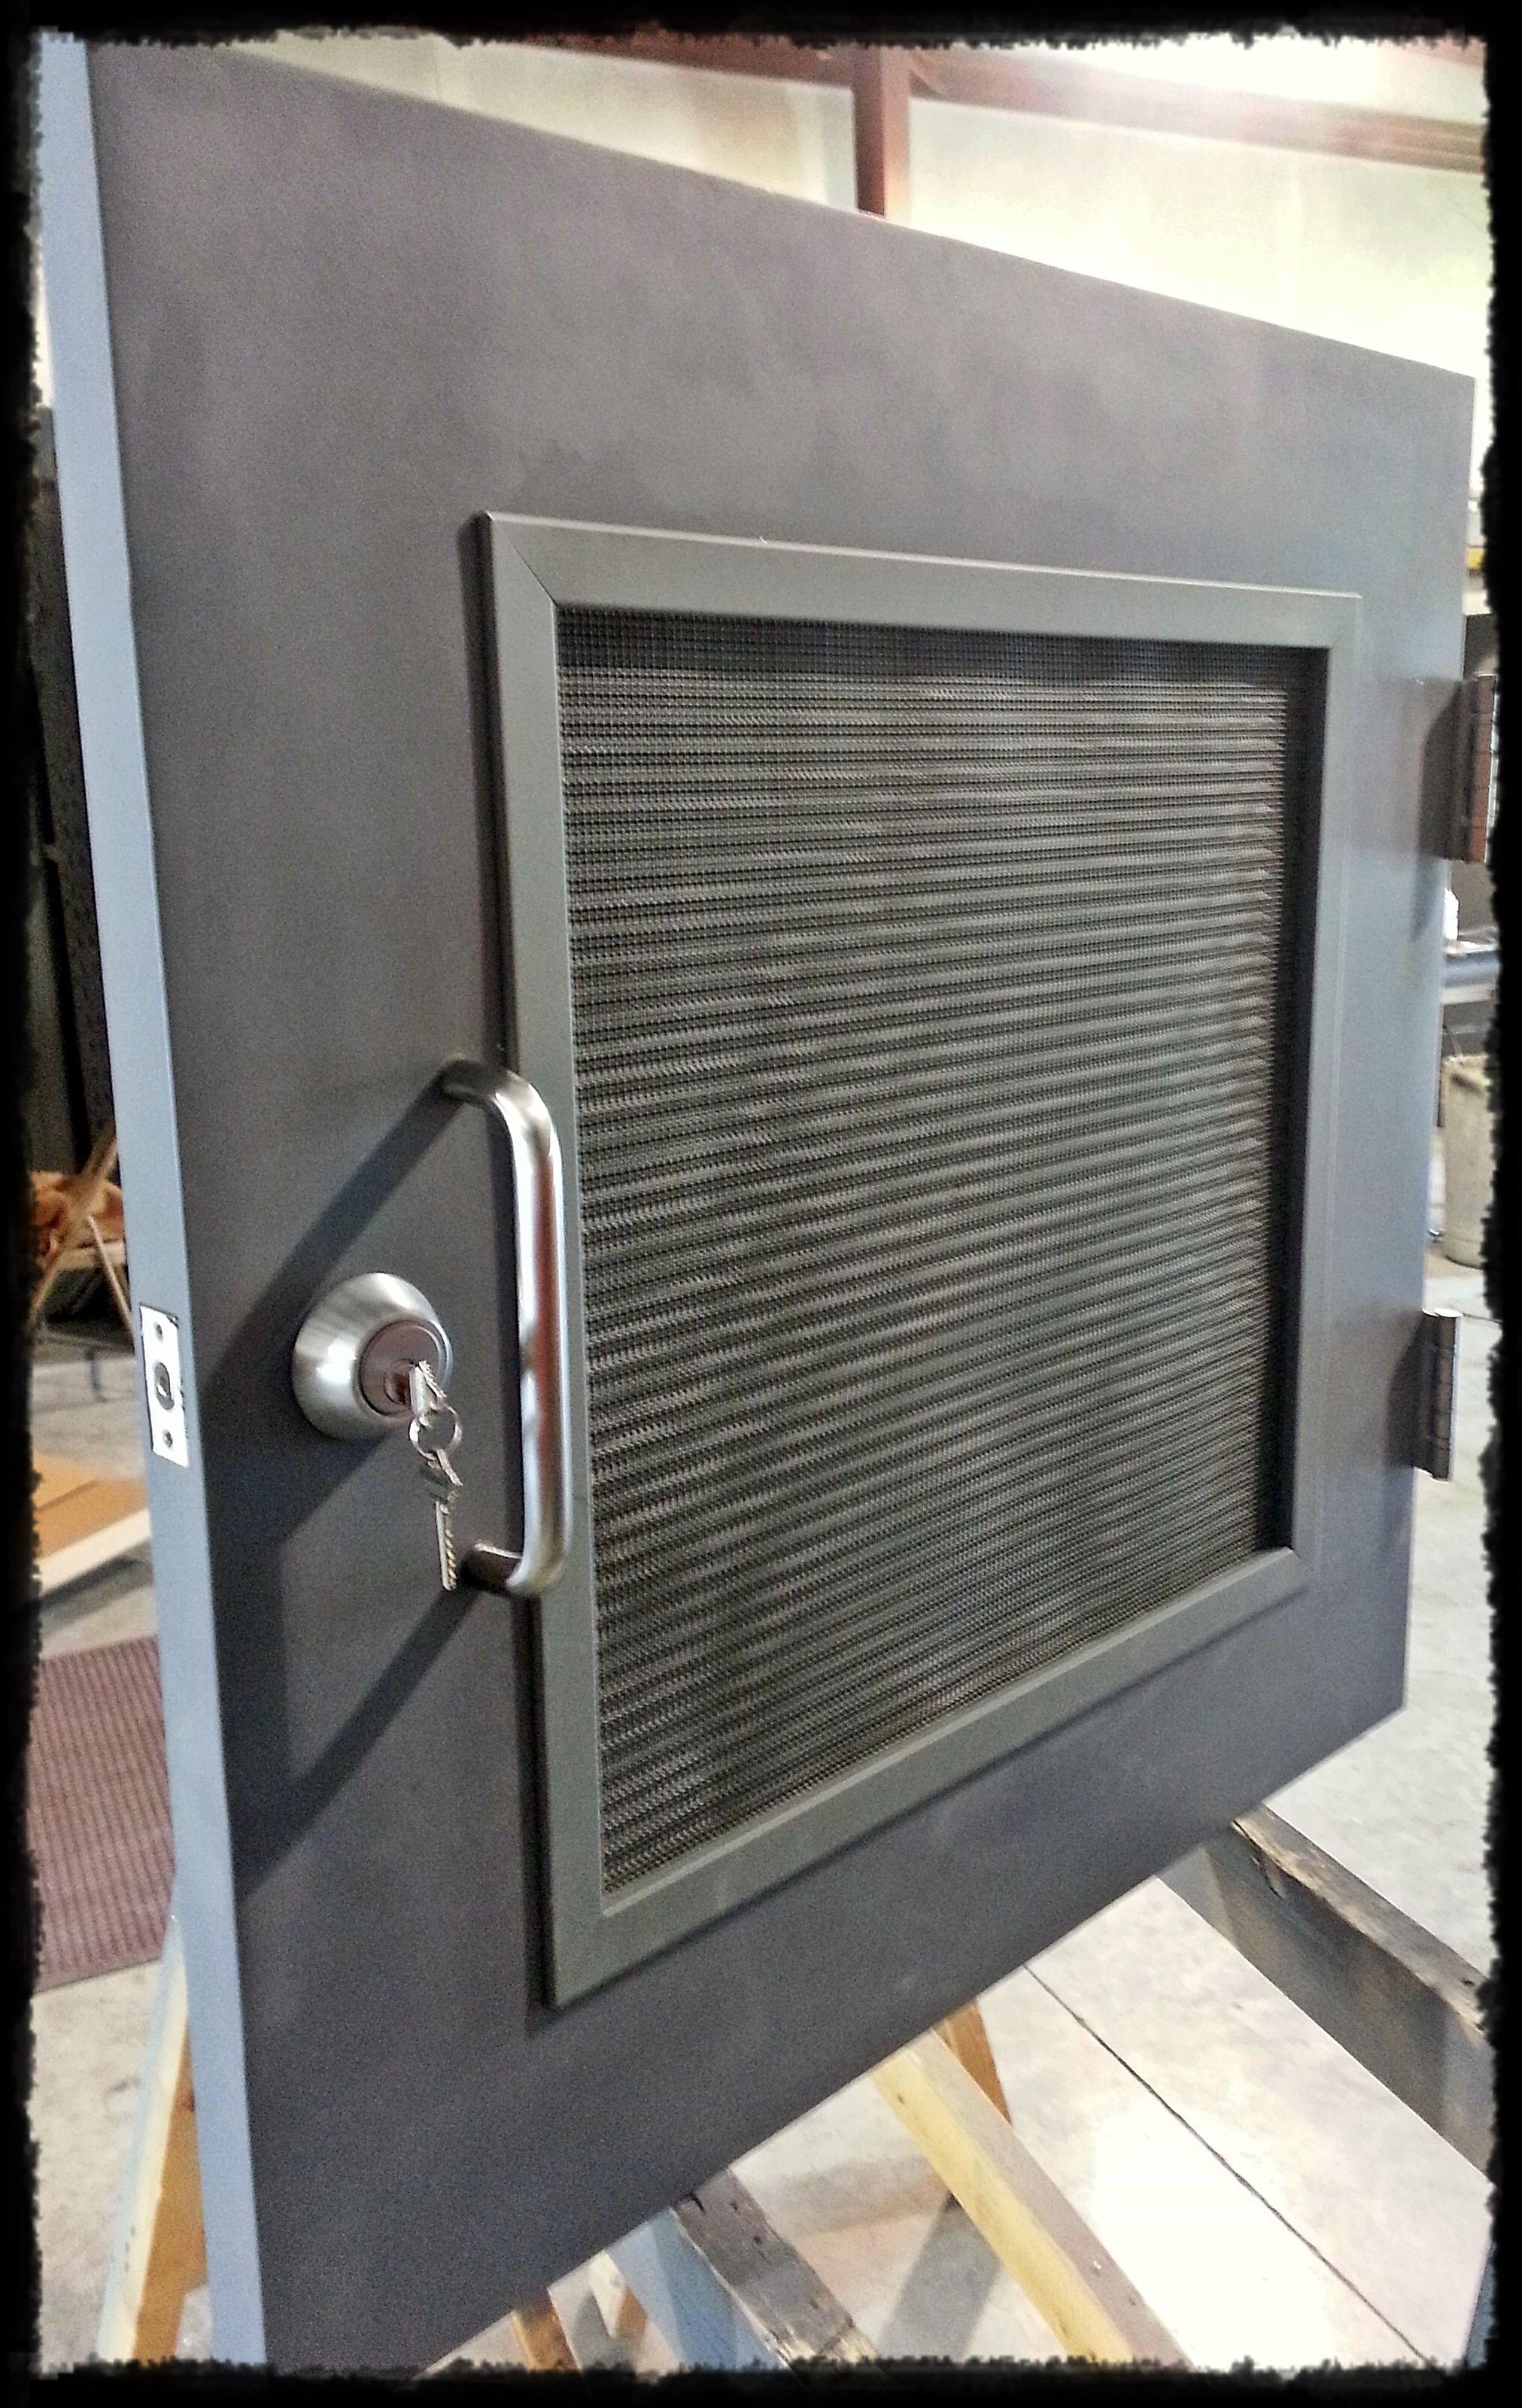 No Door Too Small Custom Hollow Metal Door Manufacturered By House Of Doors Louver With Insect Screen Stainless Crawlspace Hollow Metal Doors Metal Door